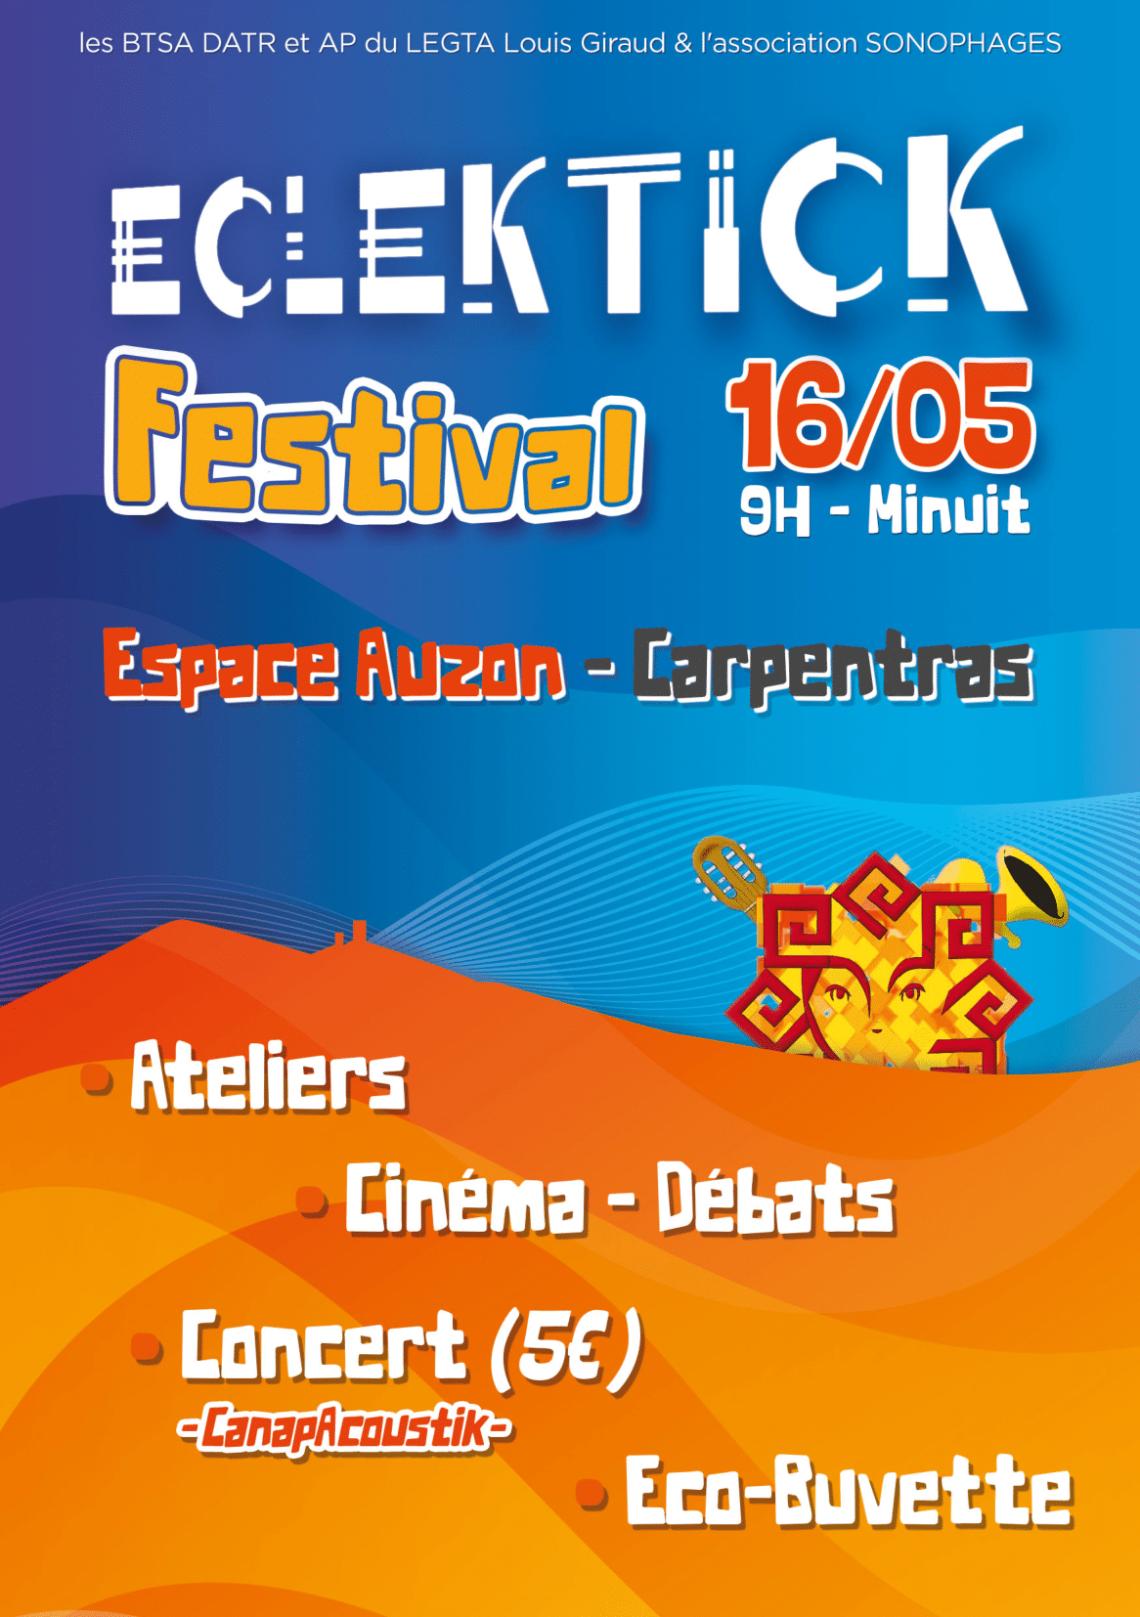 Eclektick Festival 2019